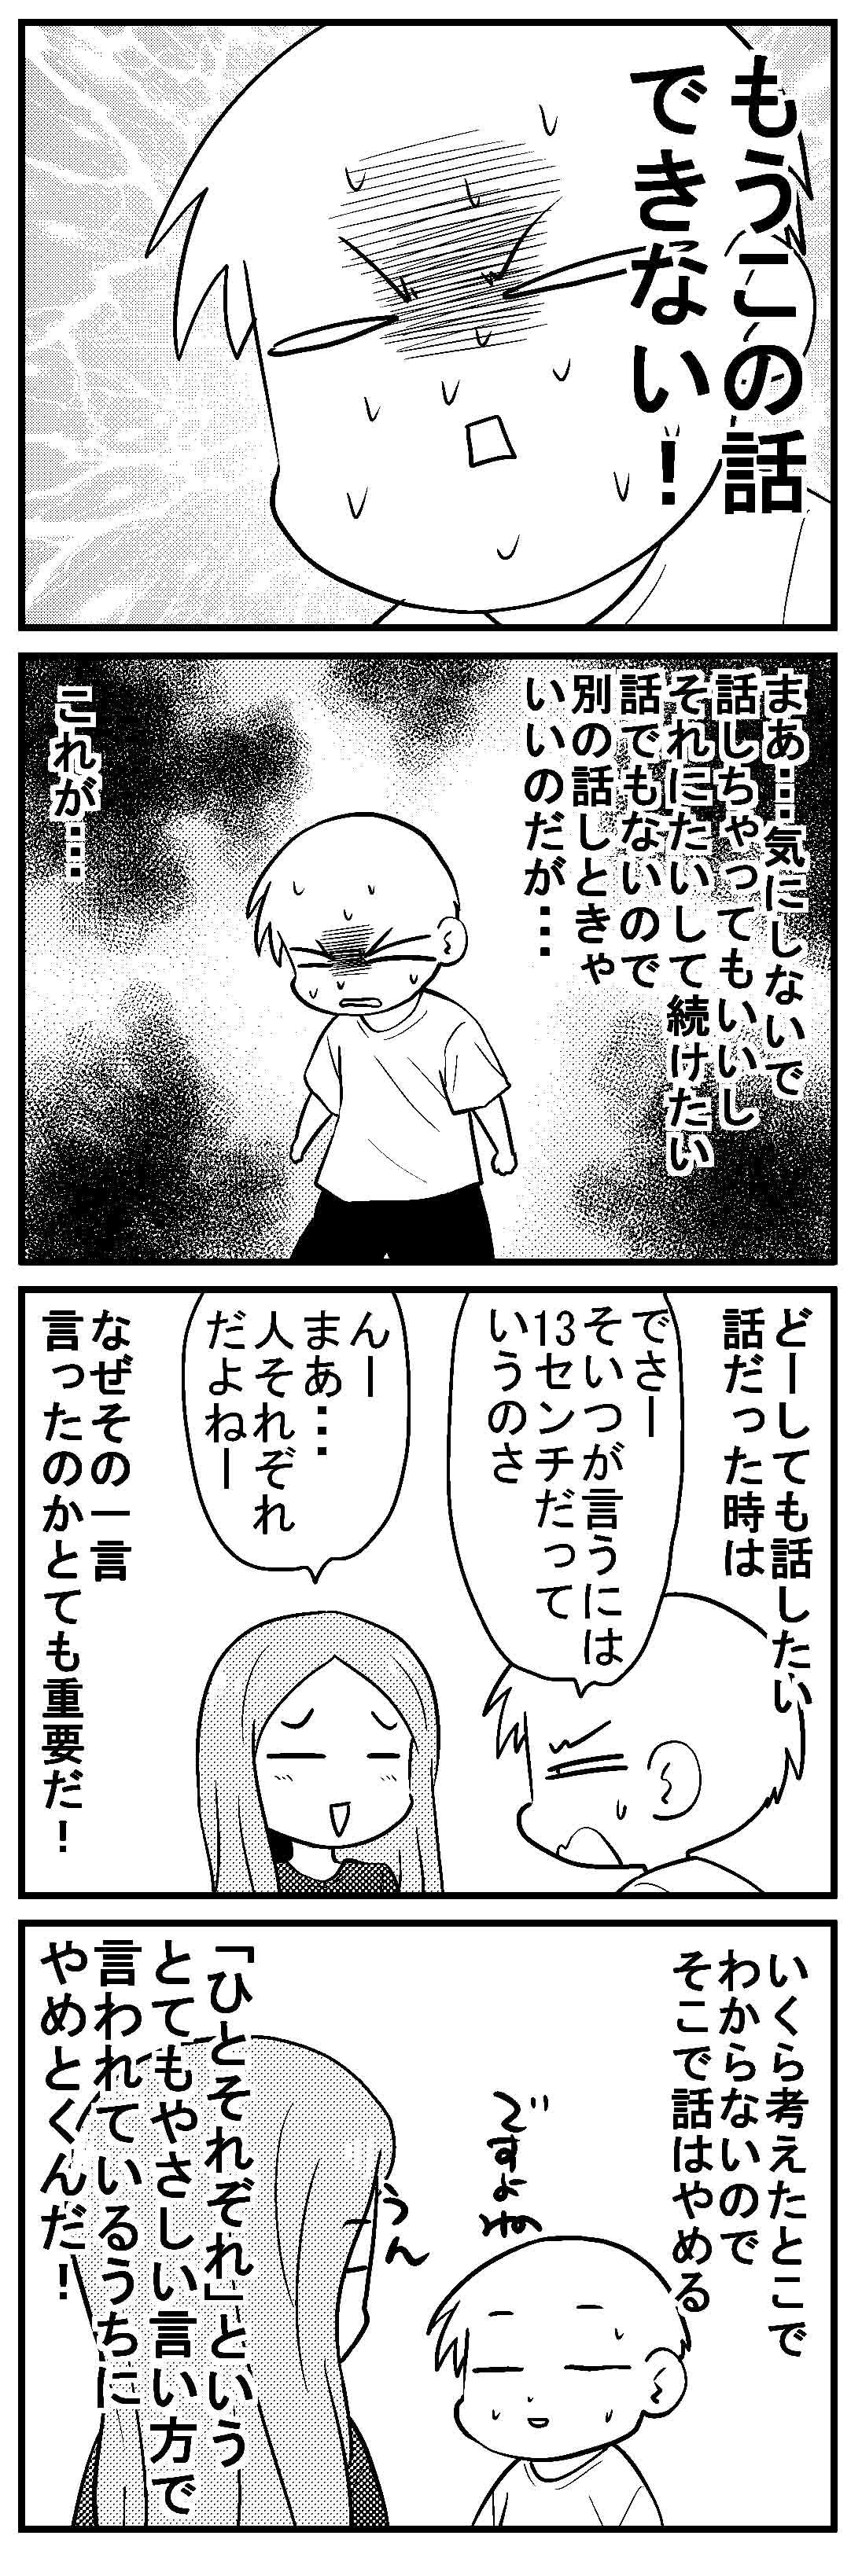 深読みくん25 3